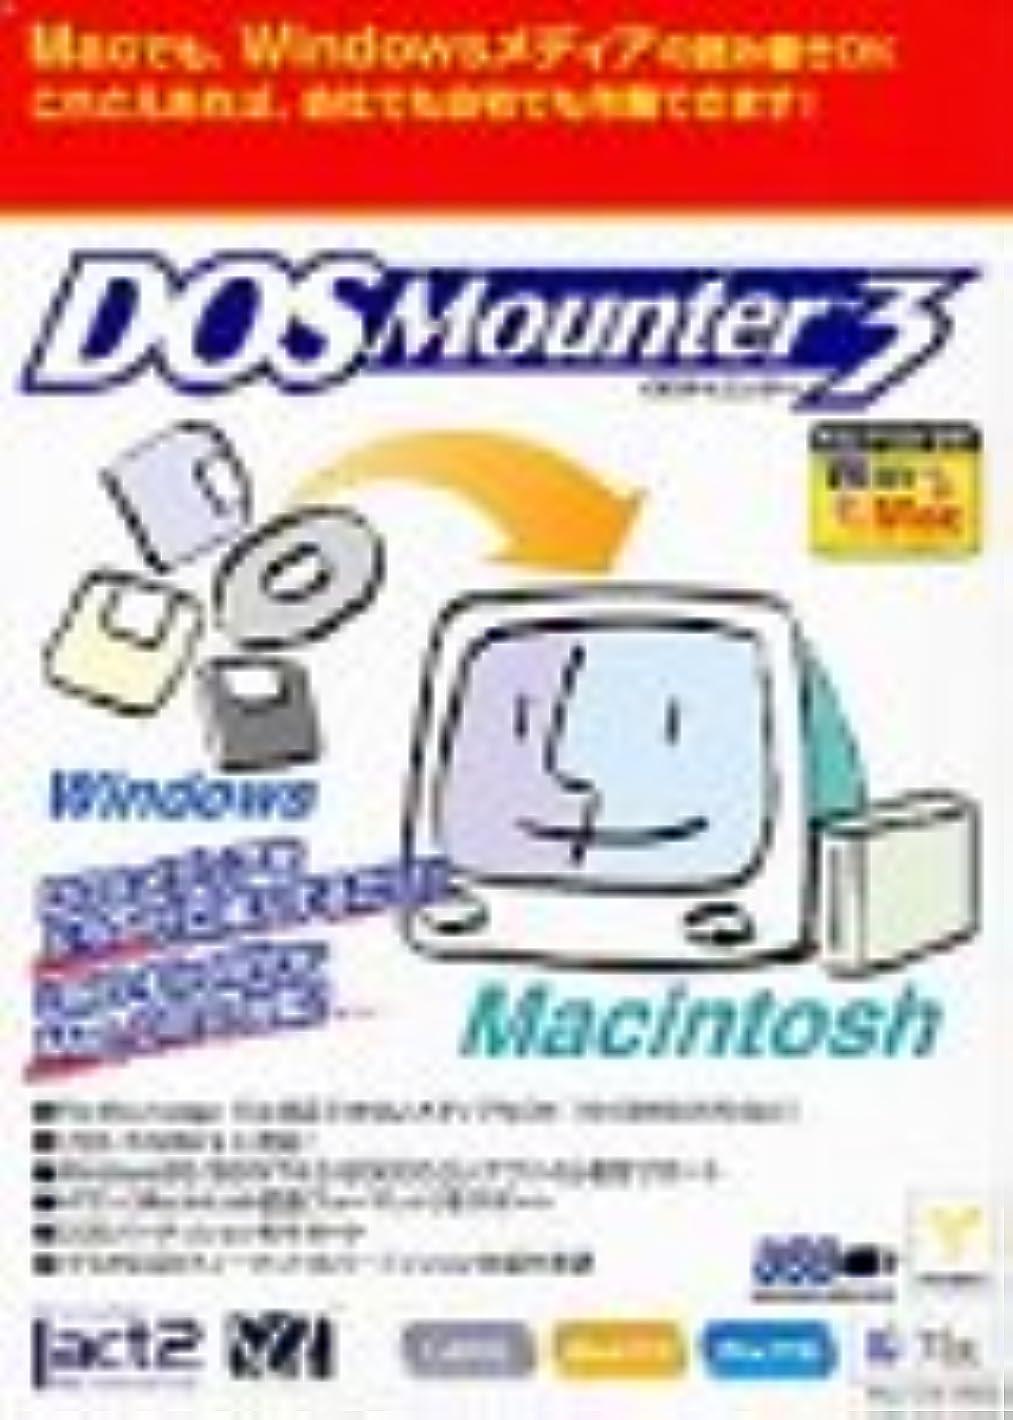 資料収まる厚さDOS Mounter 3.0J